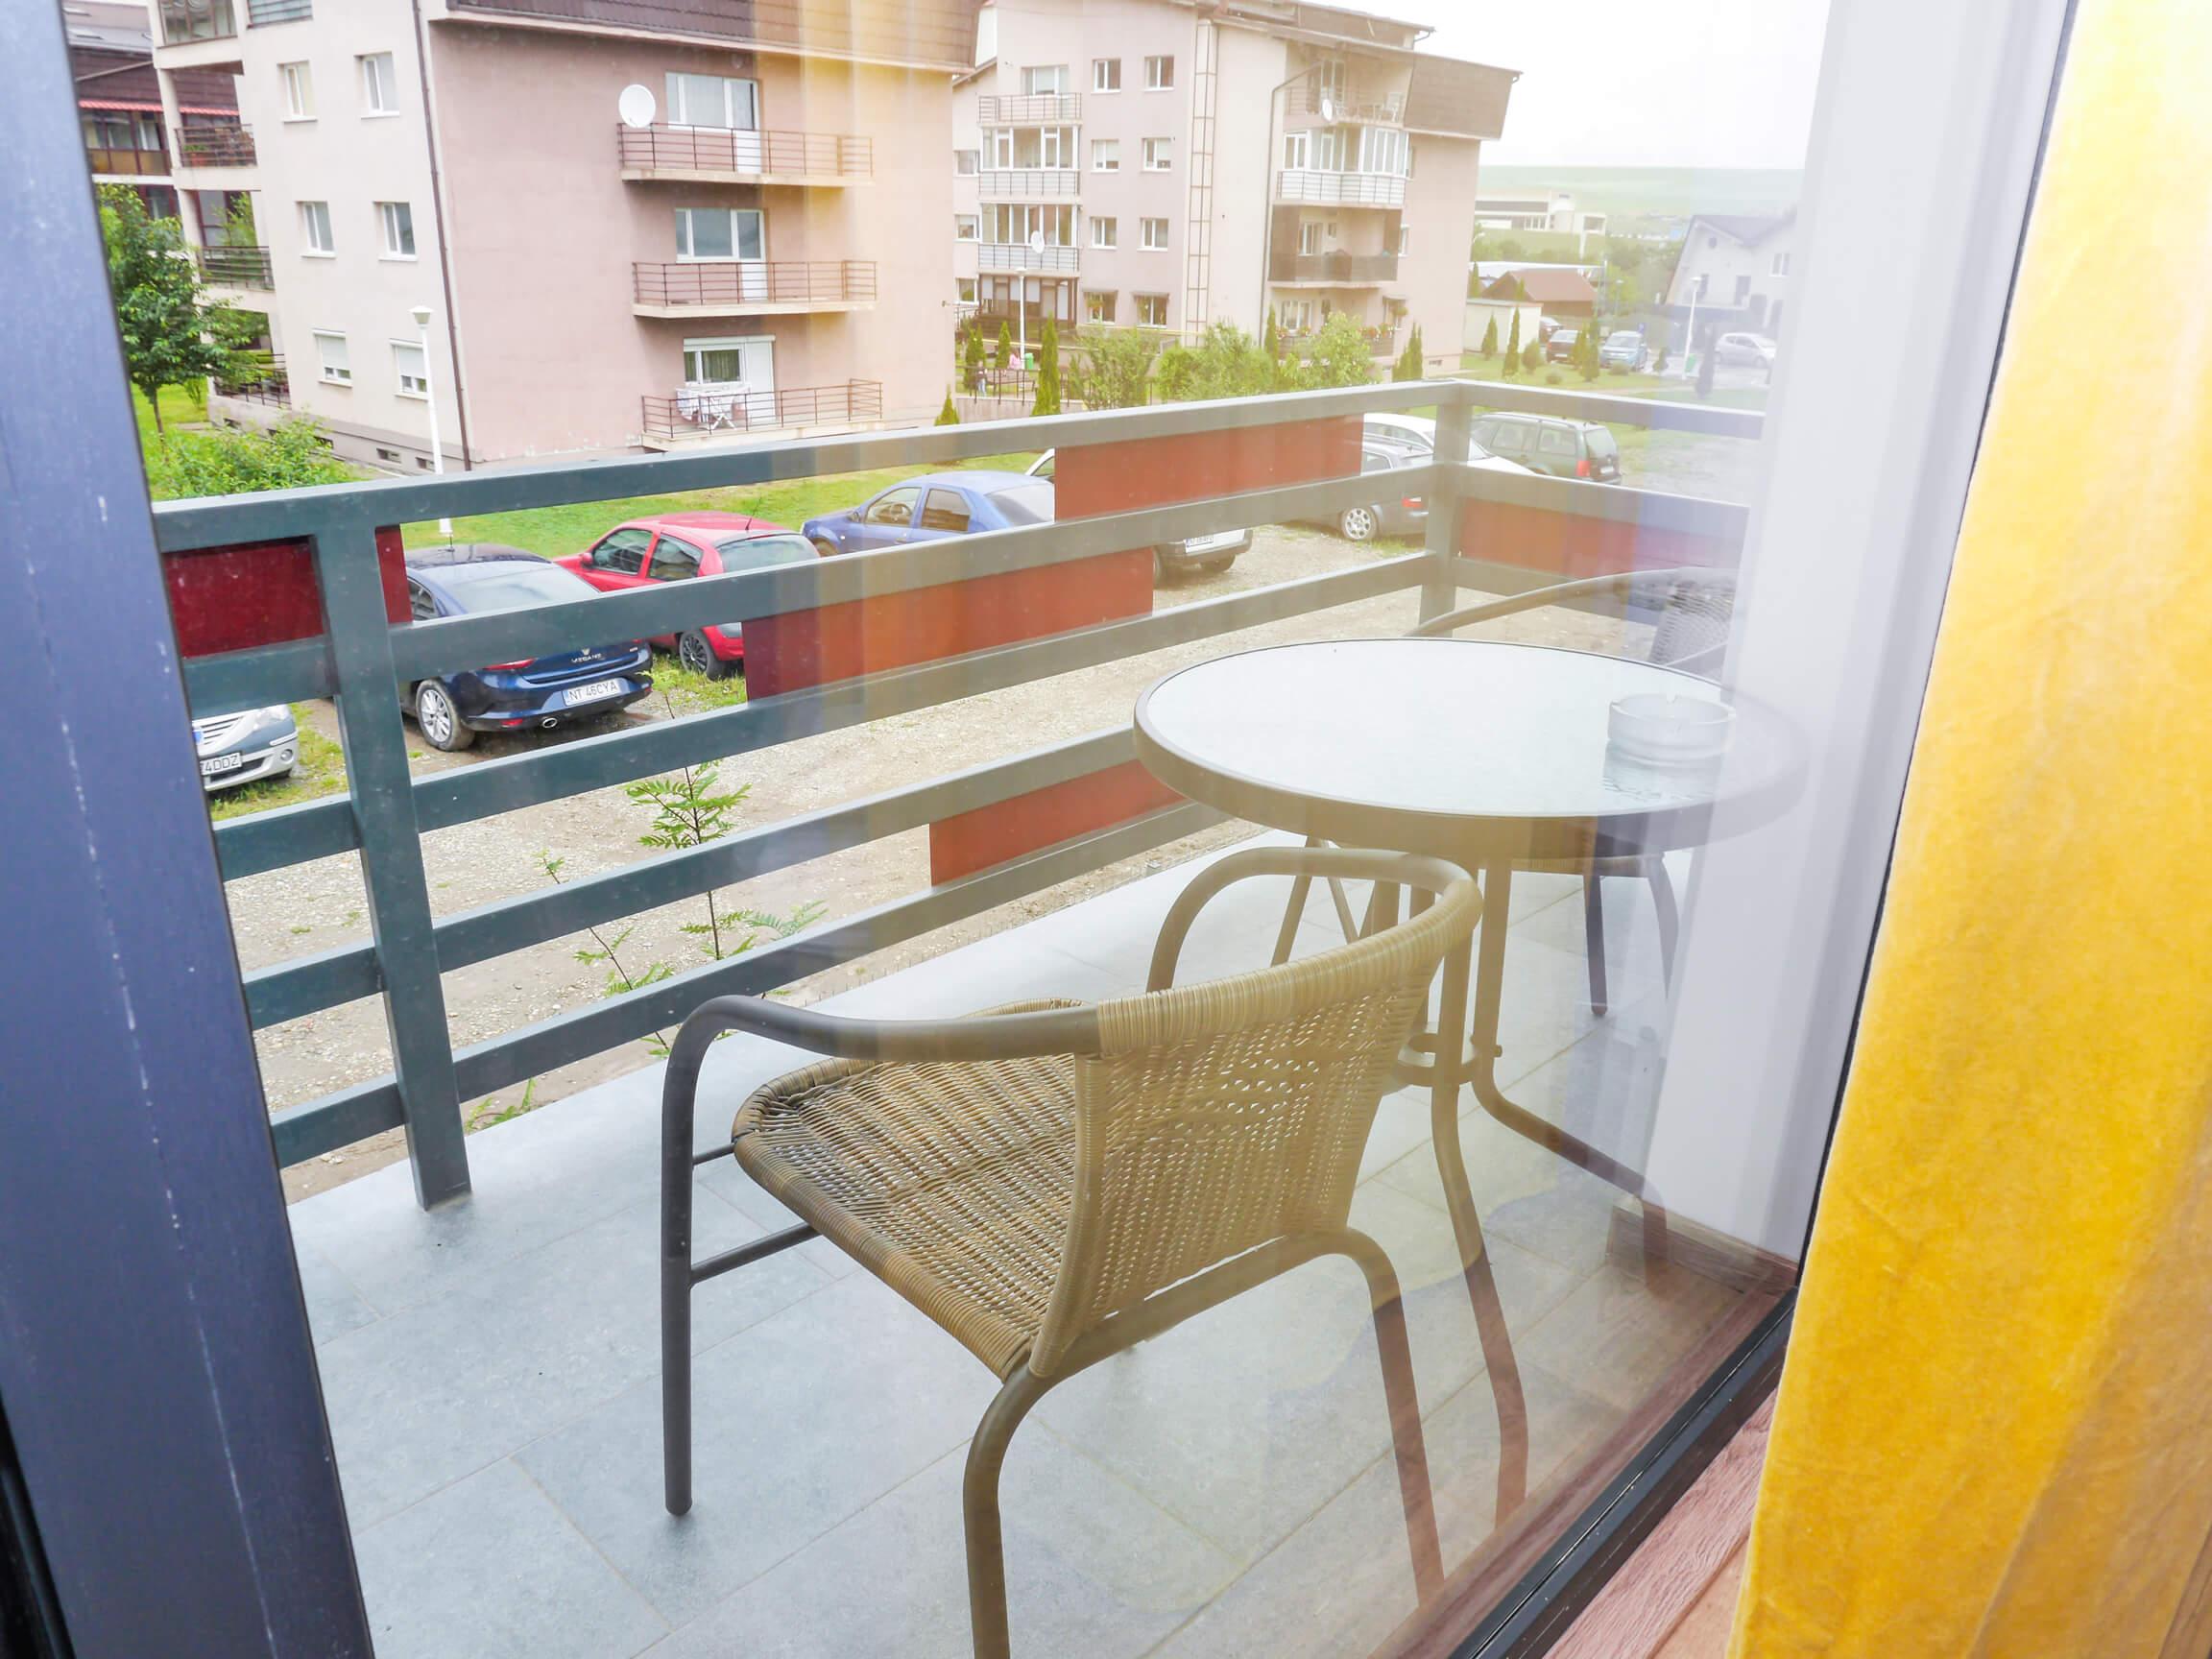 Clement Apartments - apartamente de inchiriat in regim hotelier - cazare neamt - cazare piatra neamt - apartament 5 (7)